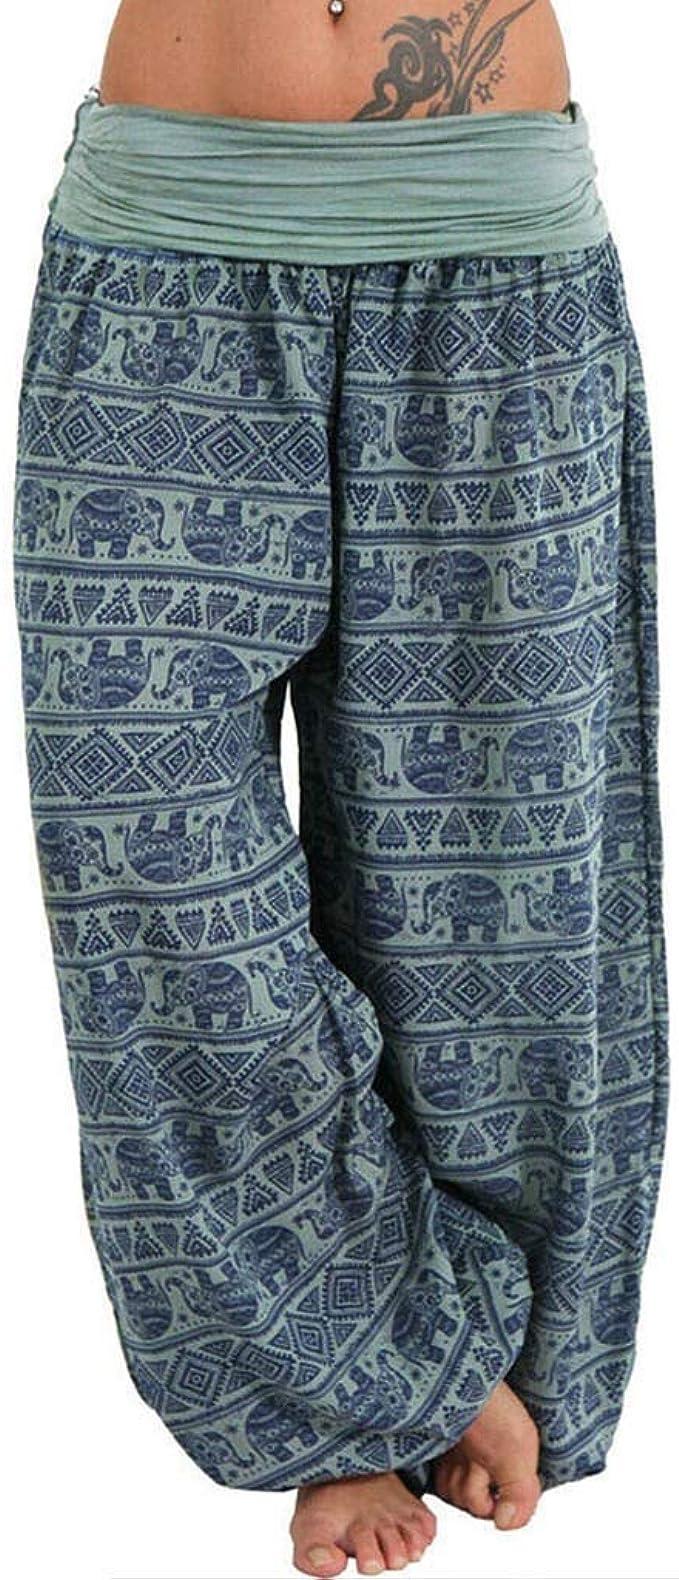 Lulupi Gro/ße Gr/ö/ßen Hosen Damen Pumphose Haremshose Yogahose Sommerhose Aladin Pants Baggy Harem Stil Bein Hippie Hose mit Elastischen Bund